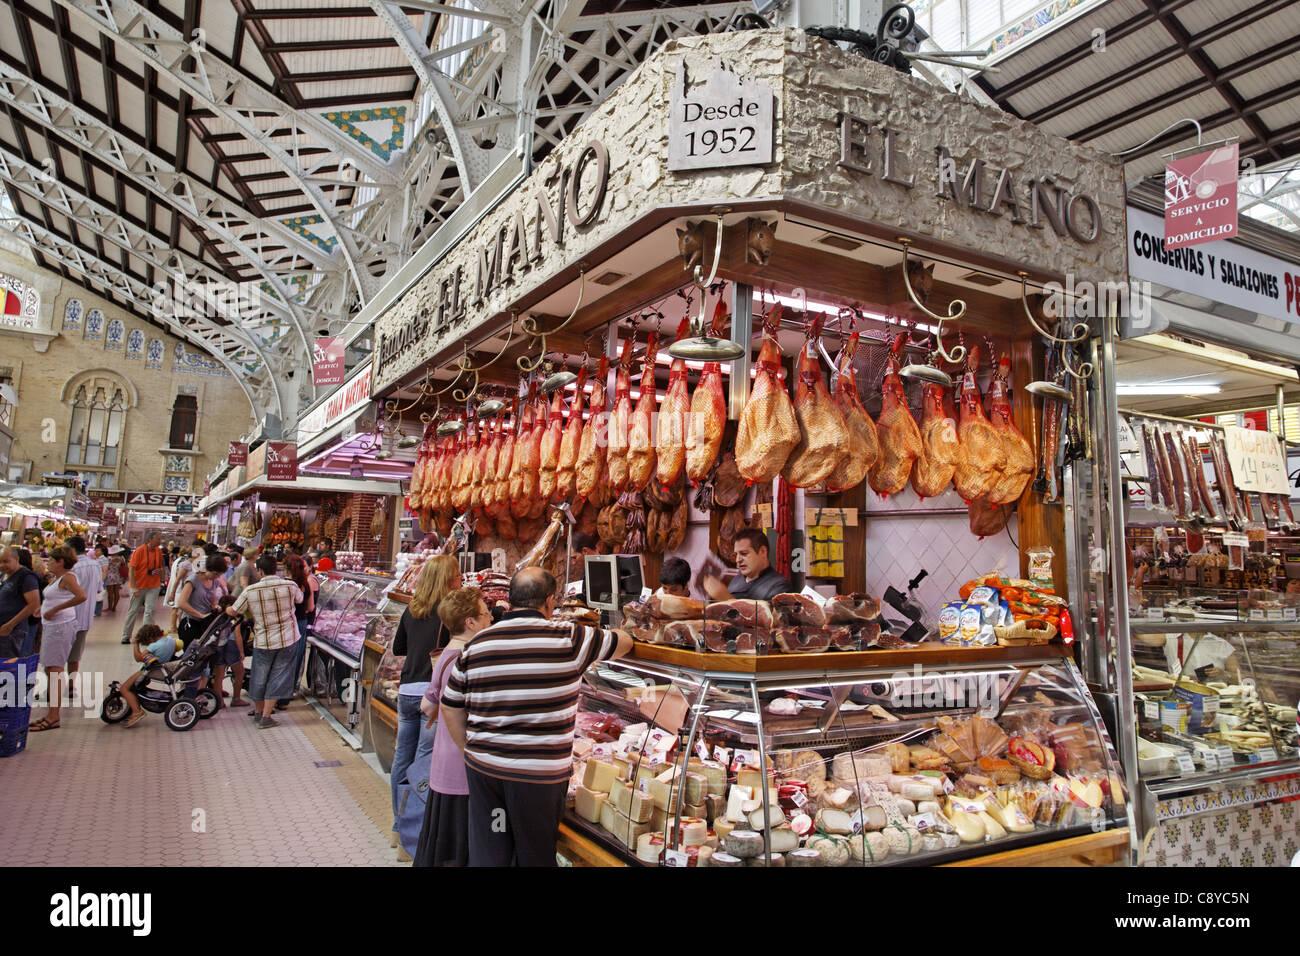 Central market hall , Delicatessen, Jamon, Mercado Central, Valencia Stock Ph...